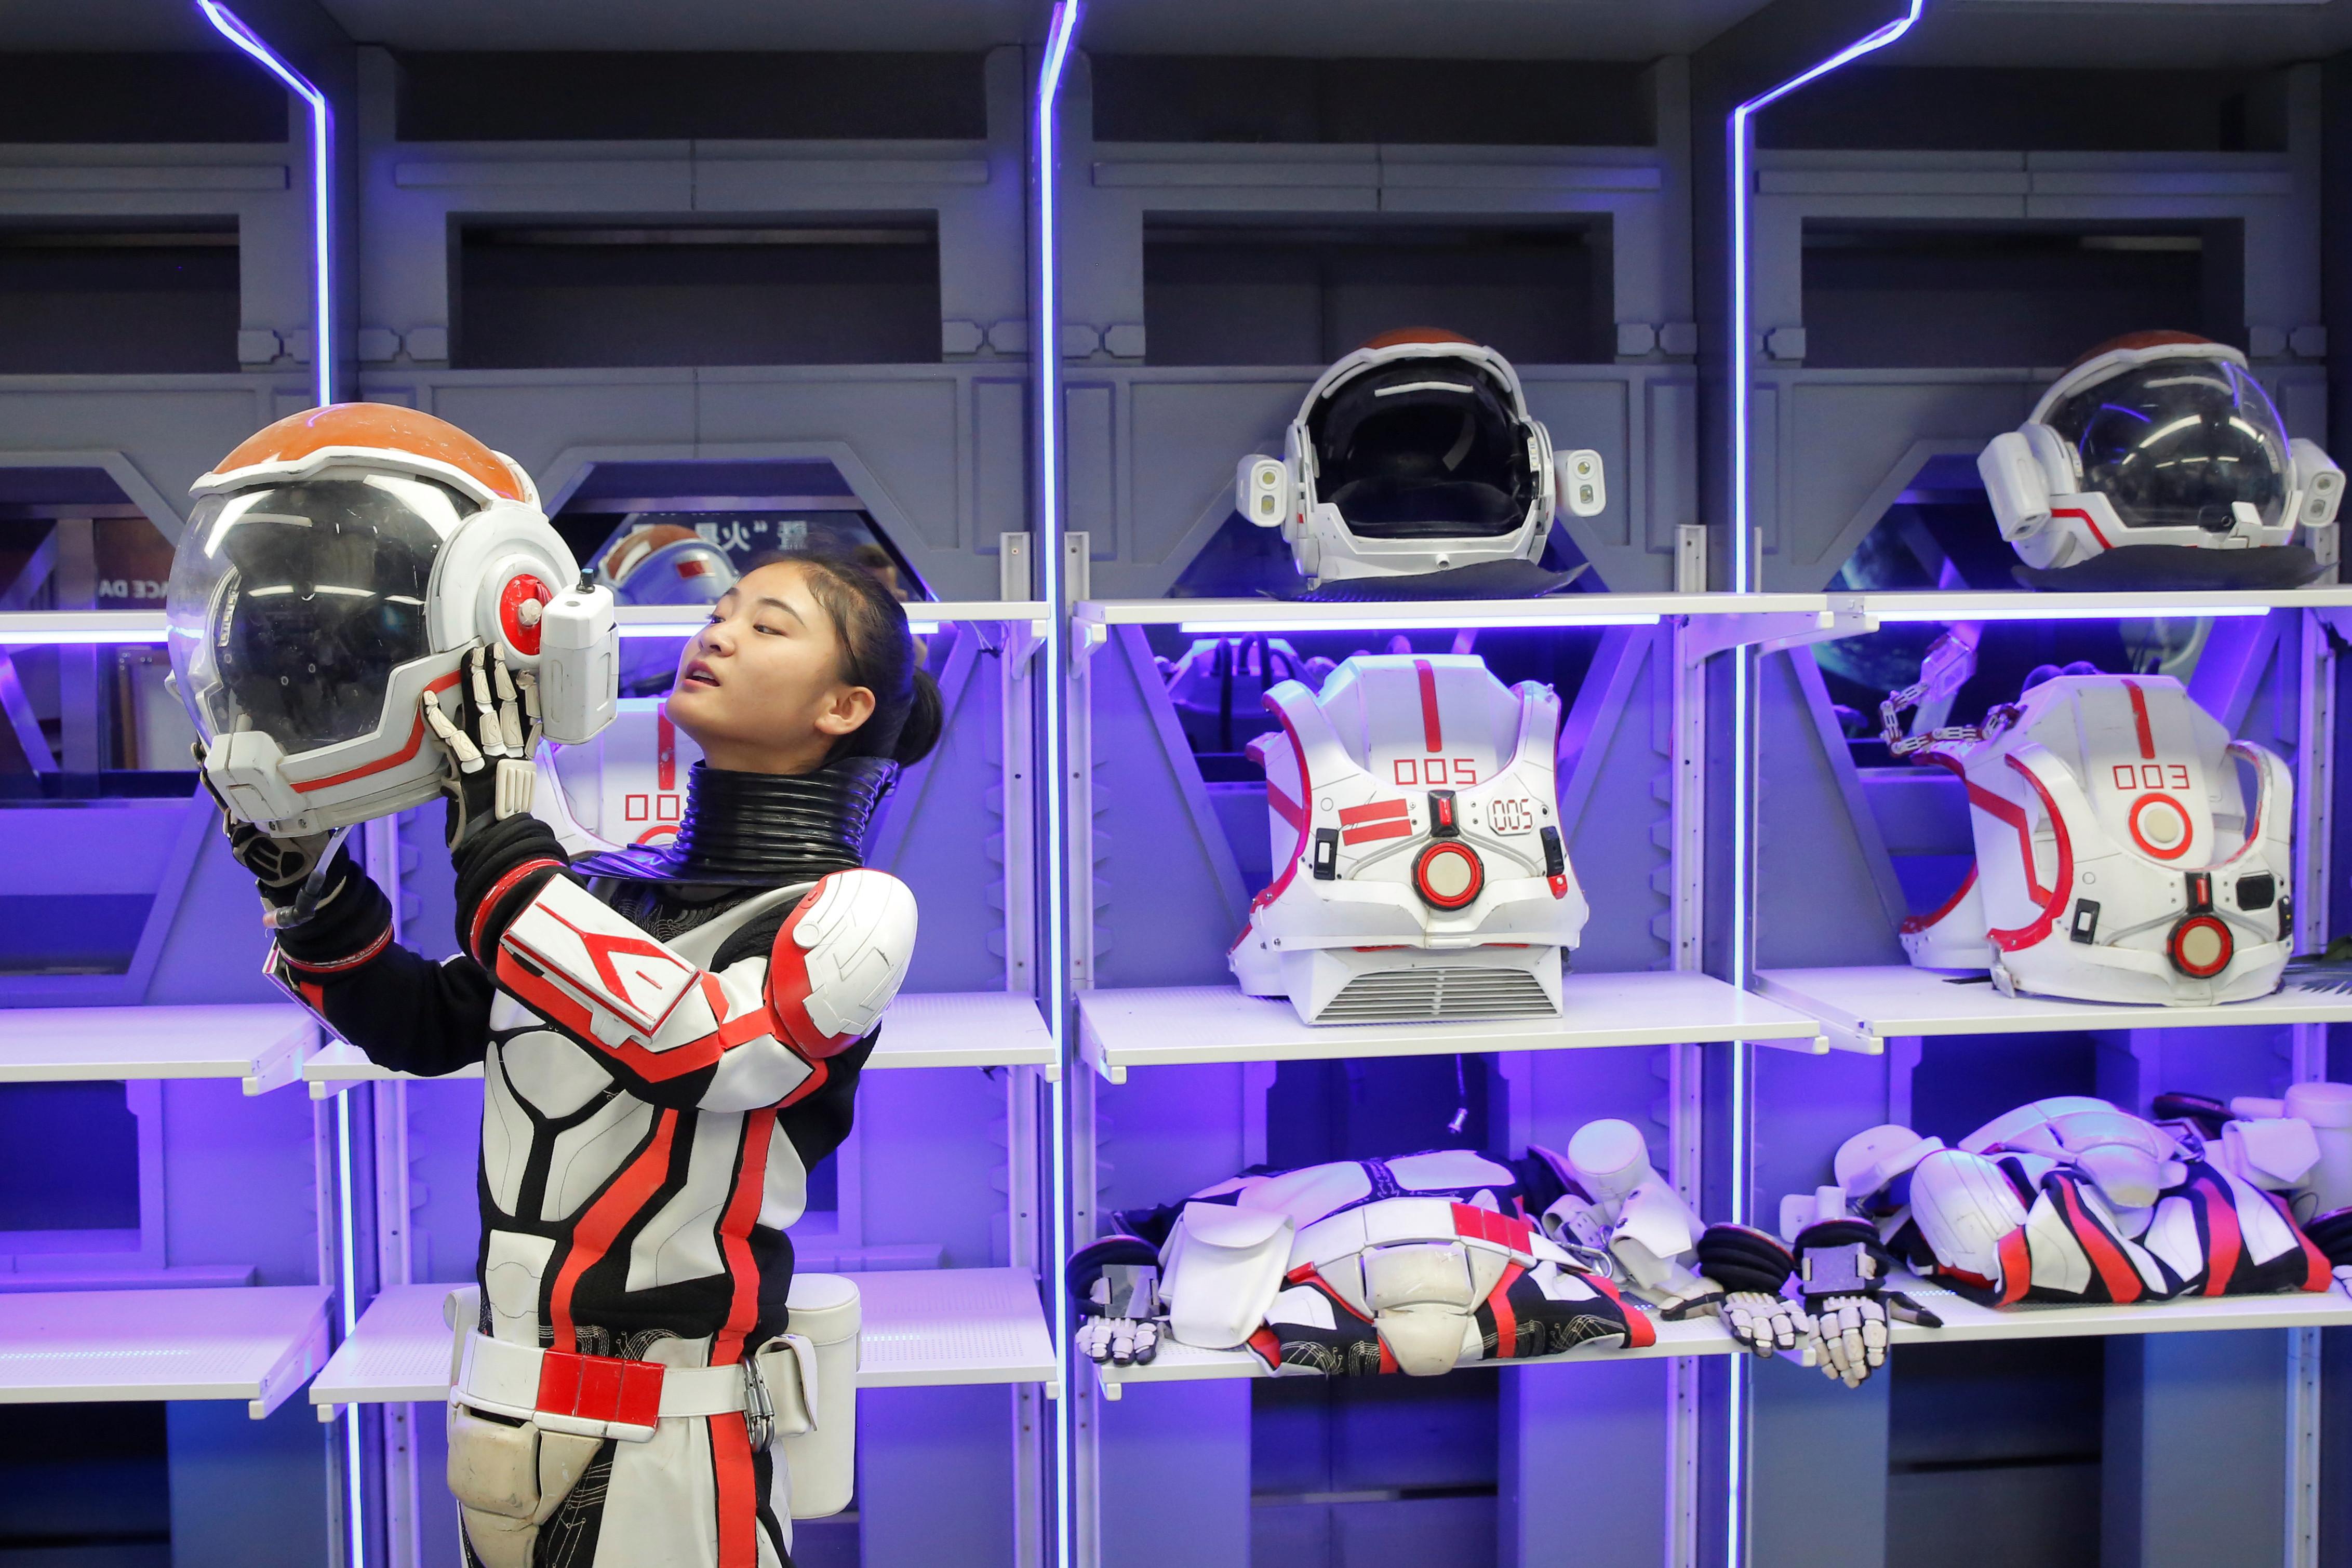 Chinas fake Mars base camp lets visitors explore Star Wars style 4528x3019